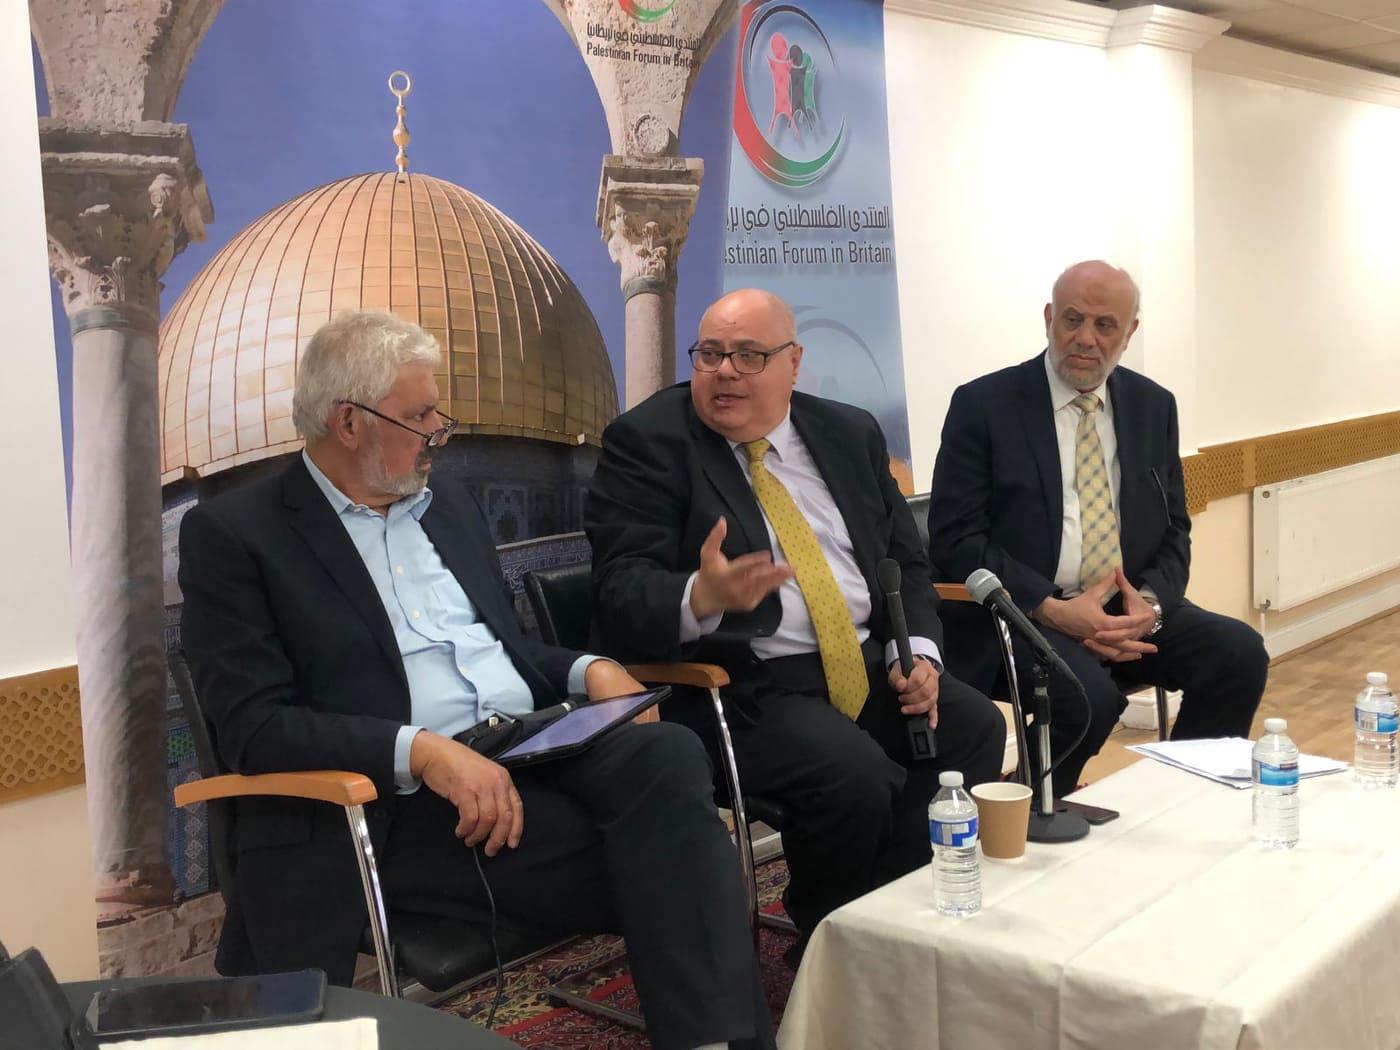 ندوة فلسطينية بلندن: الوحدة الخيار الوحيد لمجابهة صفقة القرن